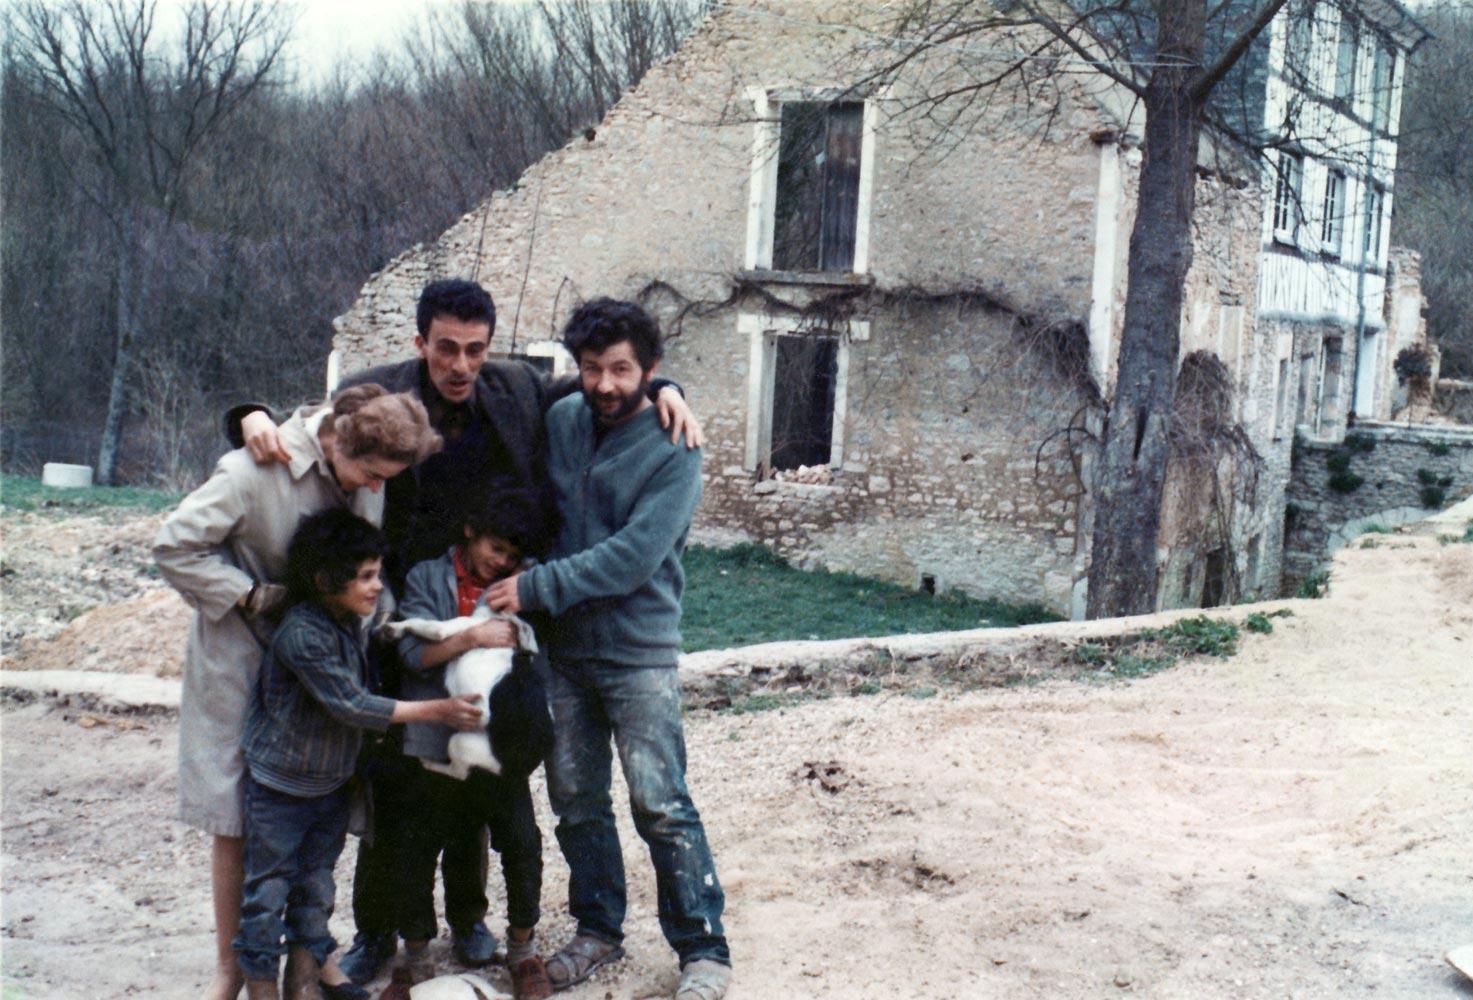 Germaine de Liencourt, Kateb Yacine, Dado, Domingo and Yasfaro